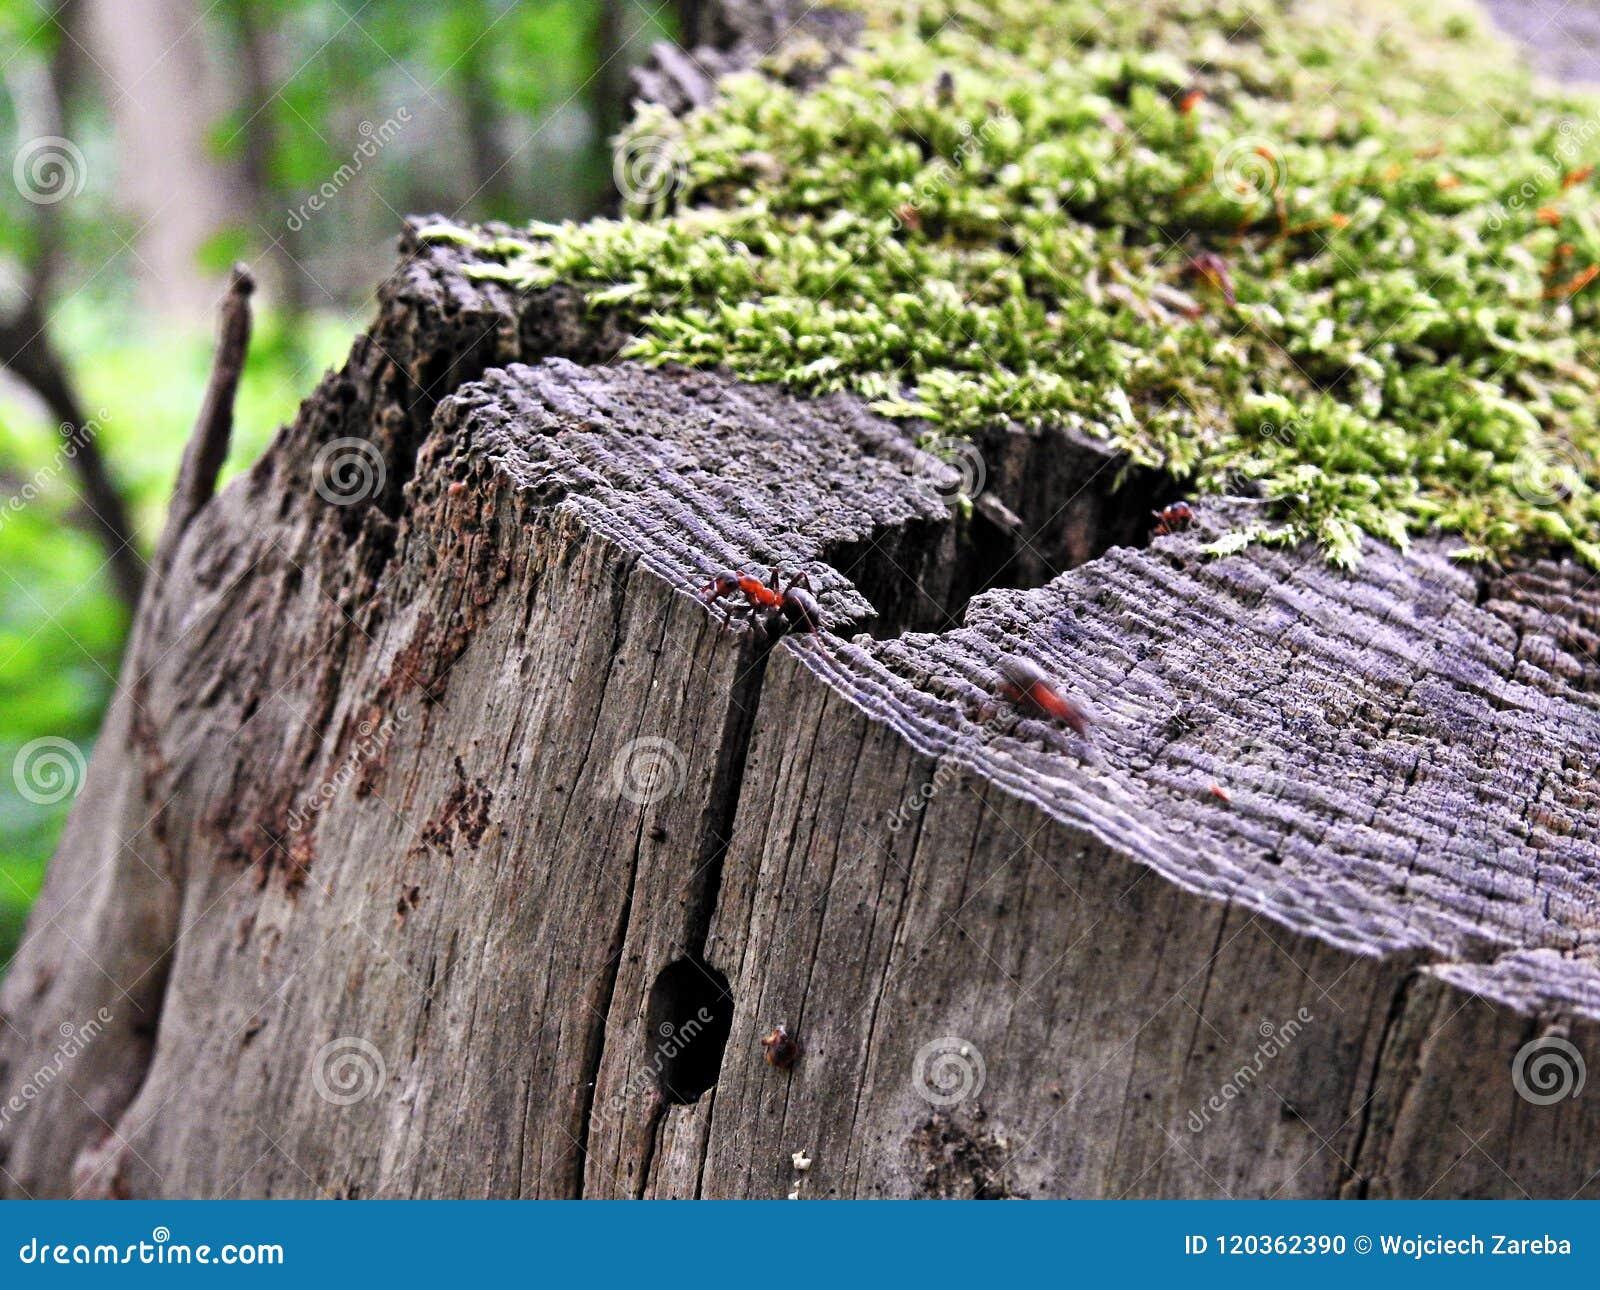 Mrówka na mech zakrywającym drzewnym bagażniku